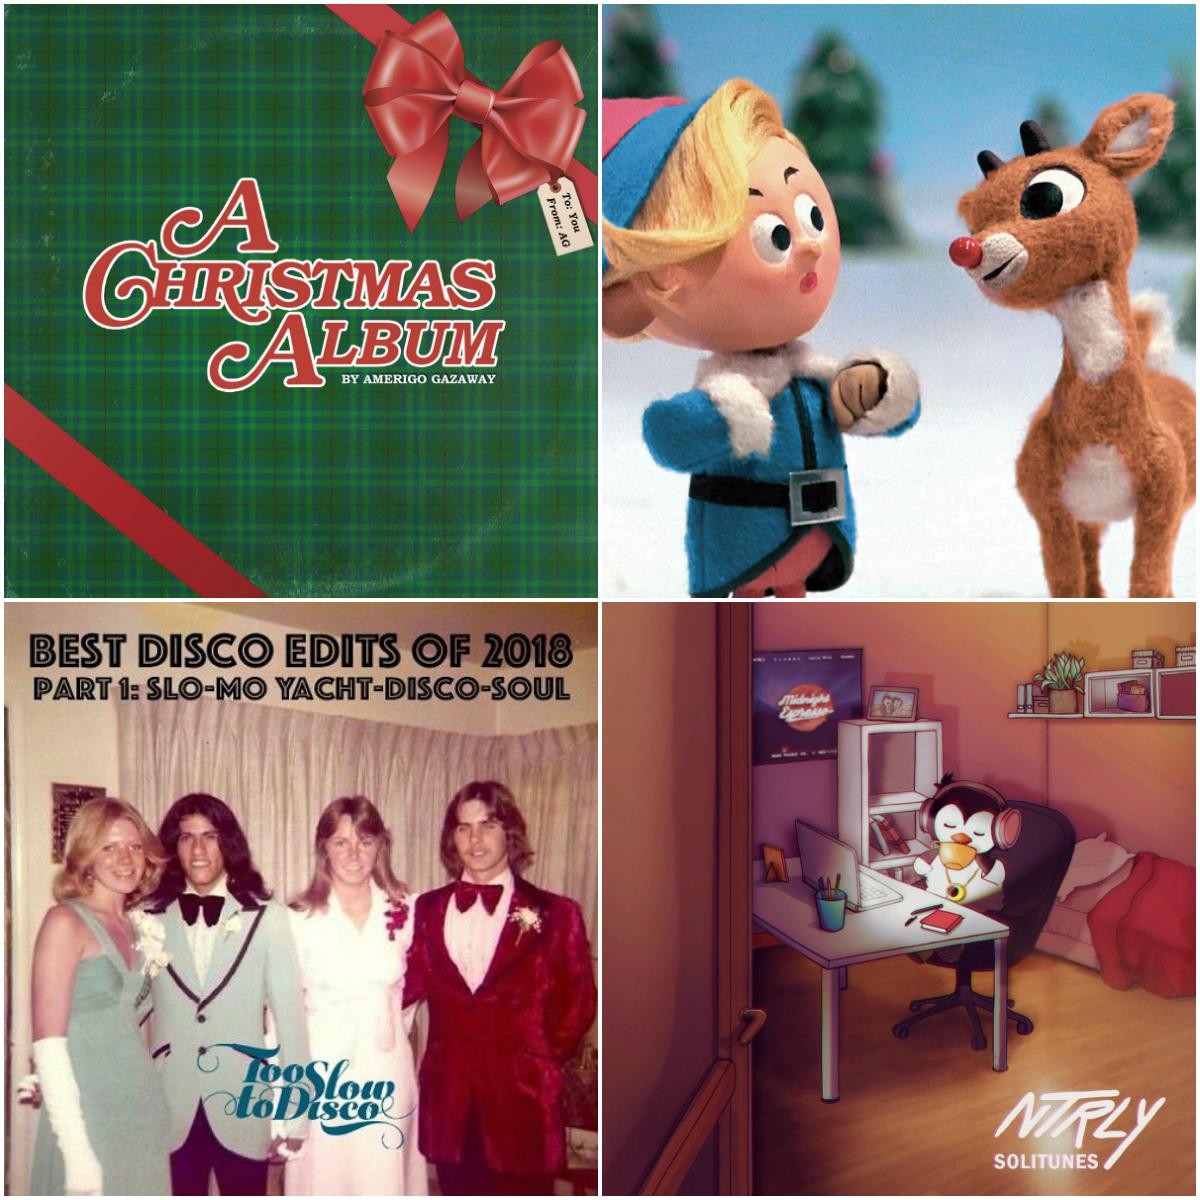 Musik Montag im Zeichen des Weihnachtsmanns | Amerigo Gazaway x DJ Harisson x NTRLY x DJ Supermarkt | Beattapes